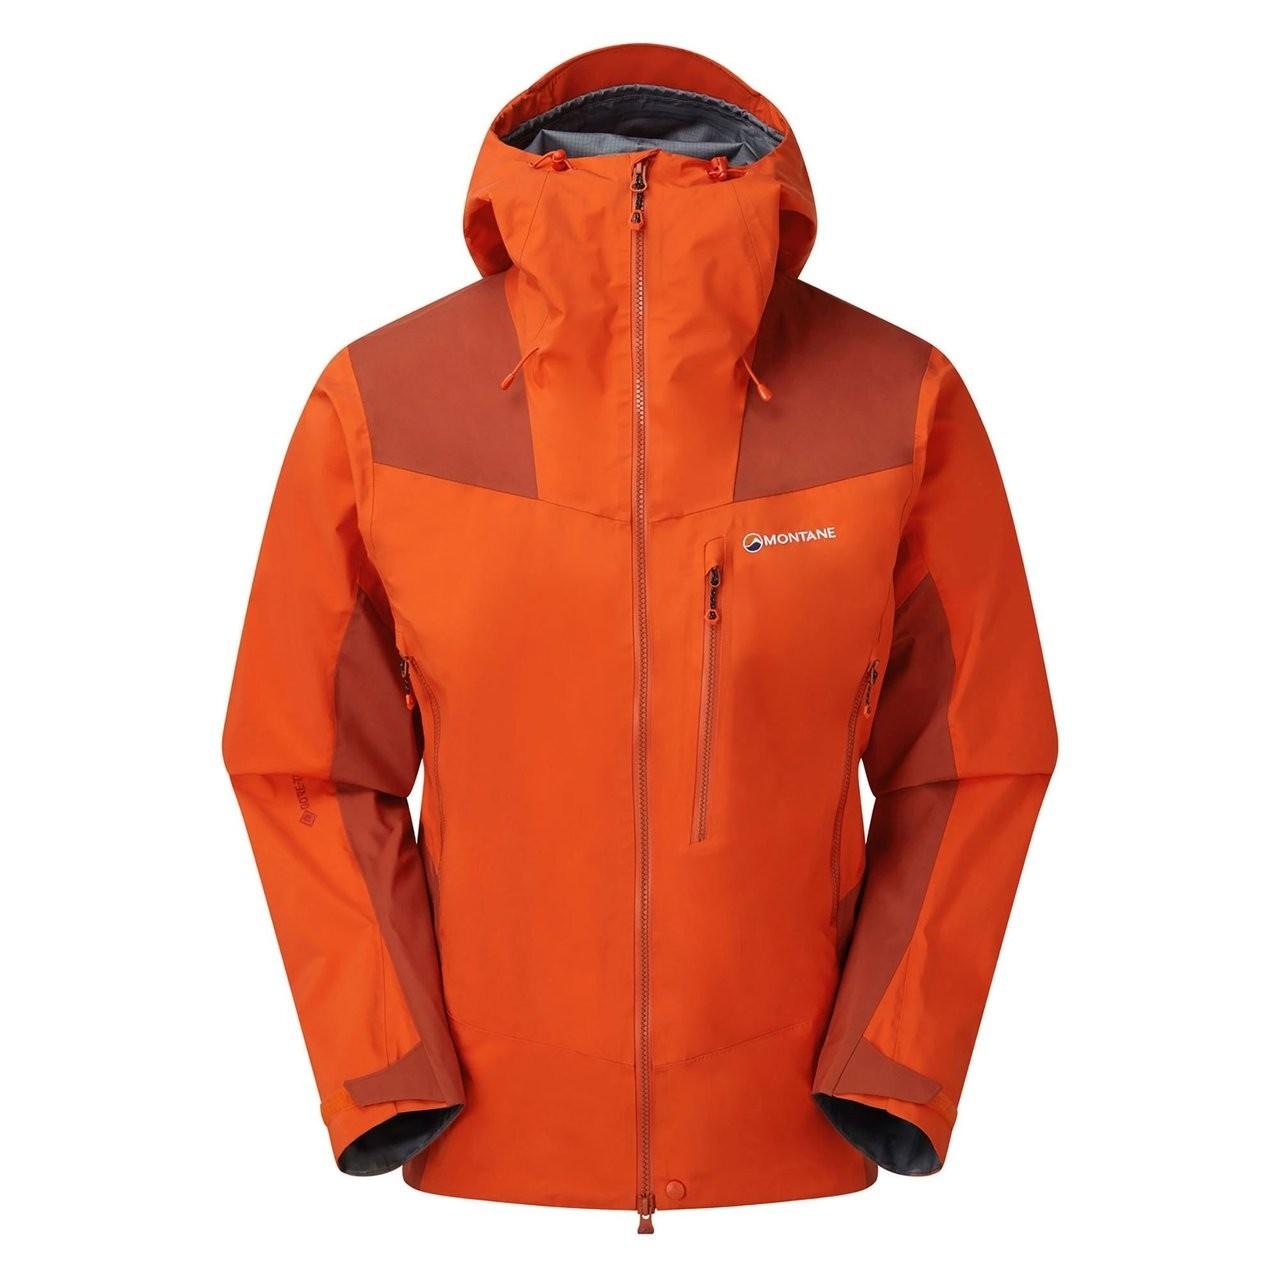 Alpine Resolve Waterproof Jacket - Men's